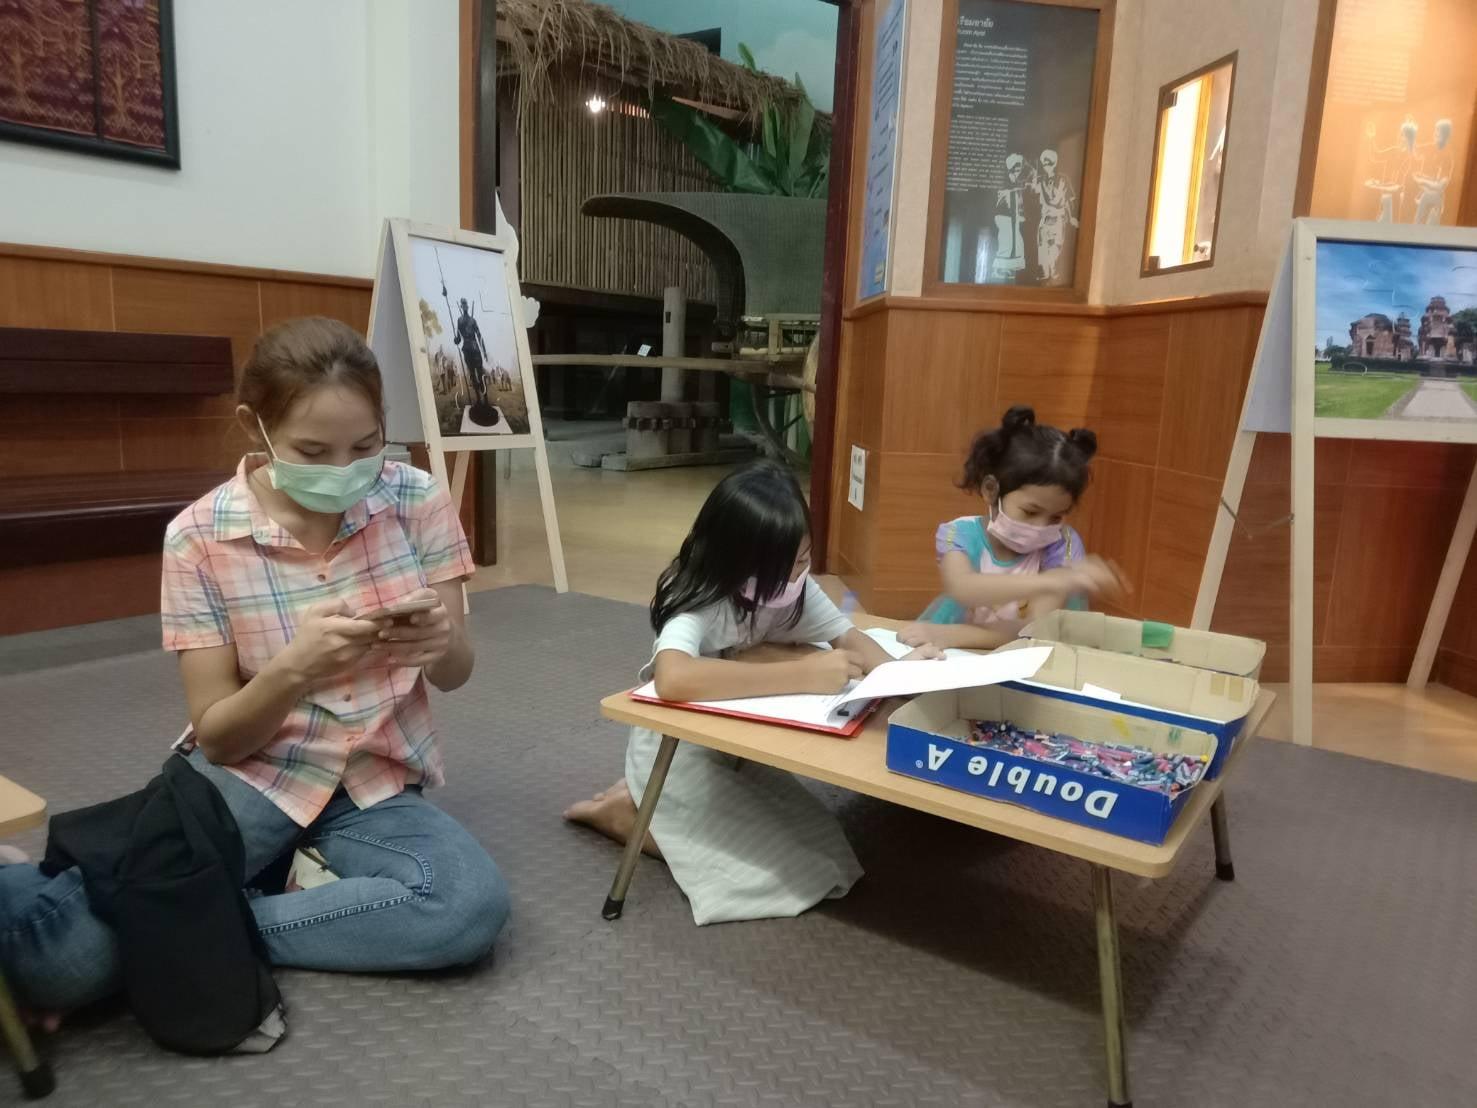 โครงการกิจกรรมเชิงปฏิบัติการแหล่งเรียนรู้ศิลปวัฒนธรรม ระหว่างวันที่ ๑๖ - ๒๐  มิถุนายน ๒๕๖๔